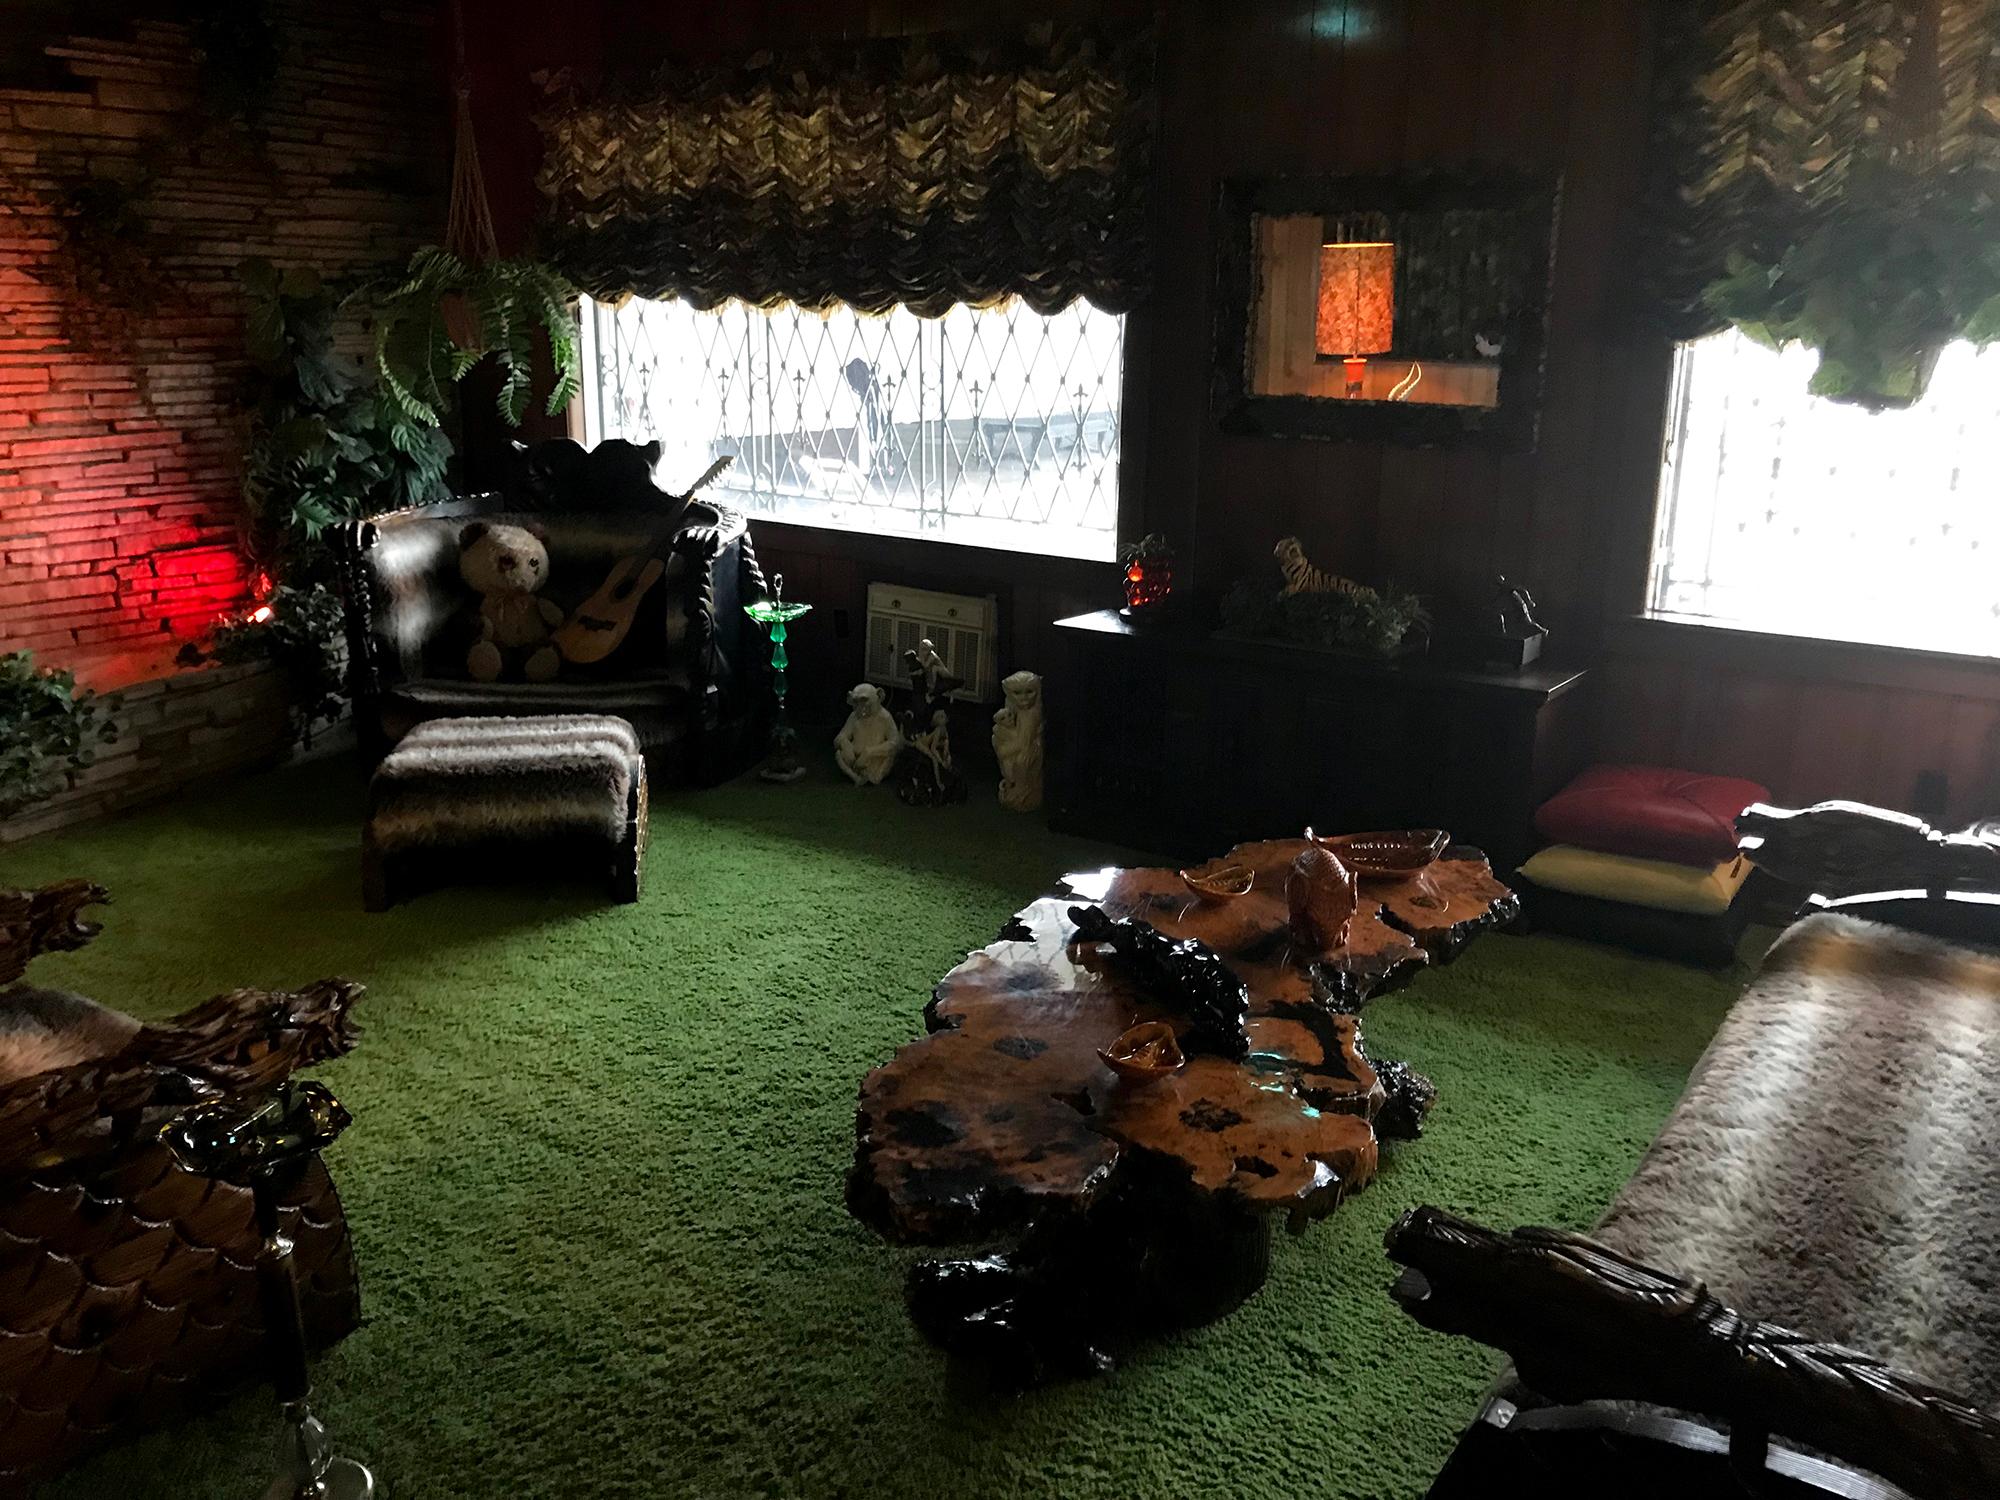 Generic Van Life - Tennessee Elvis Jungle Room